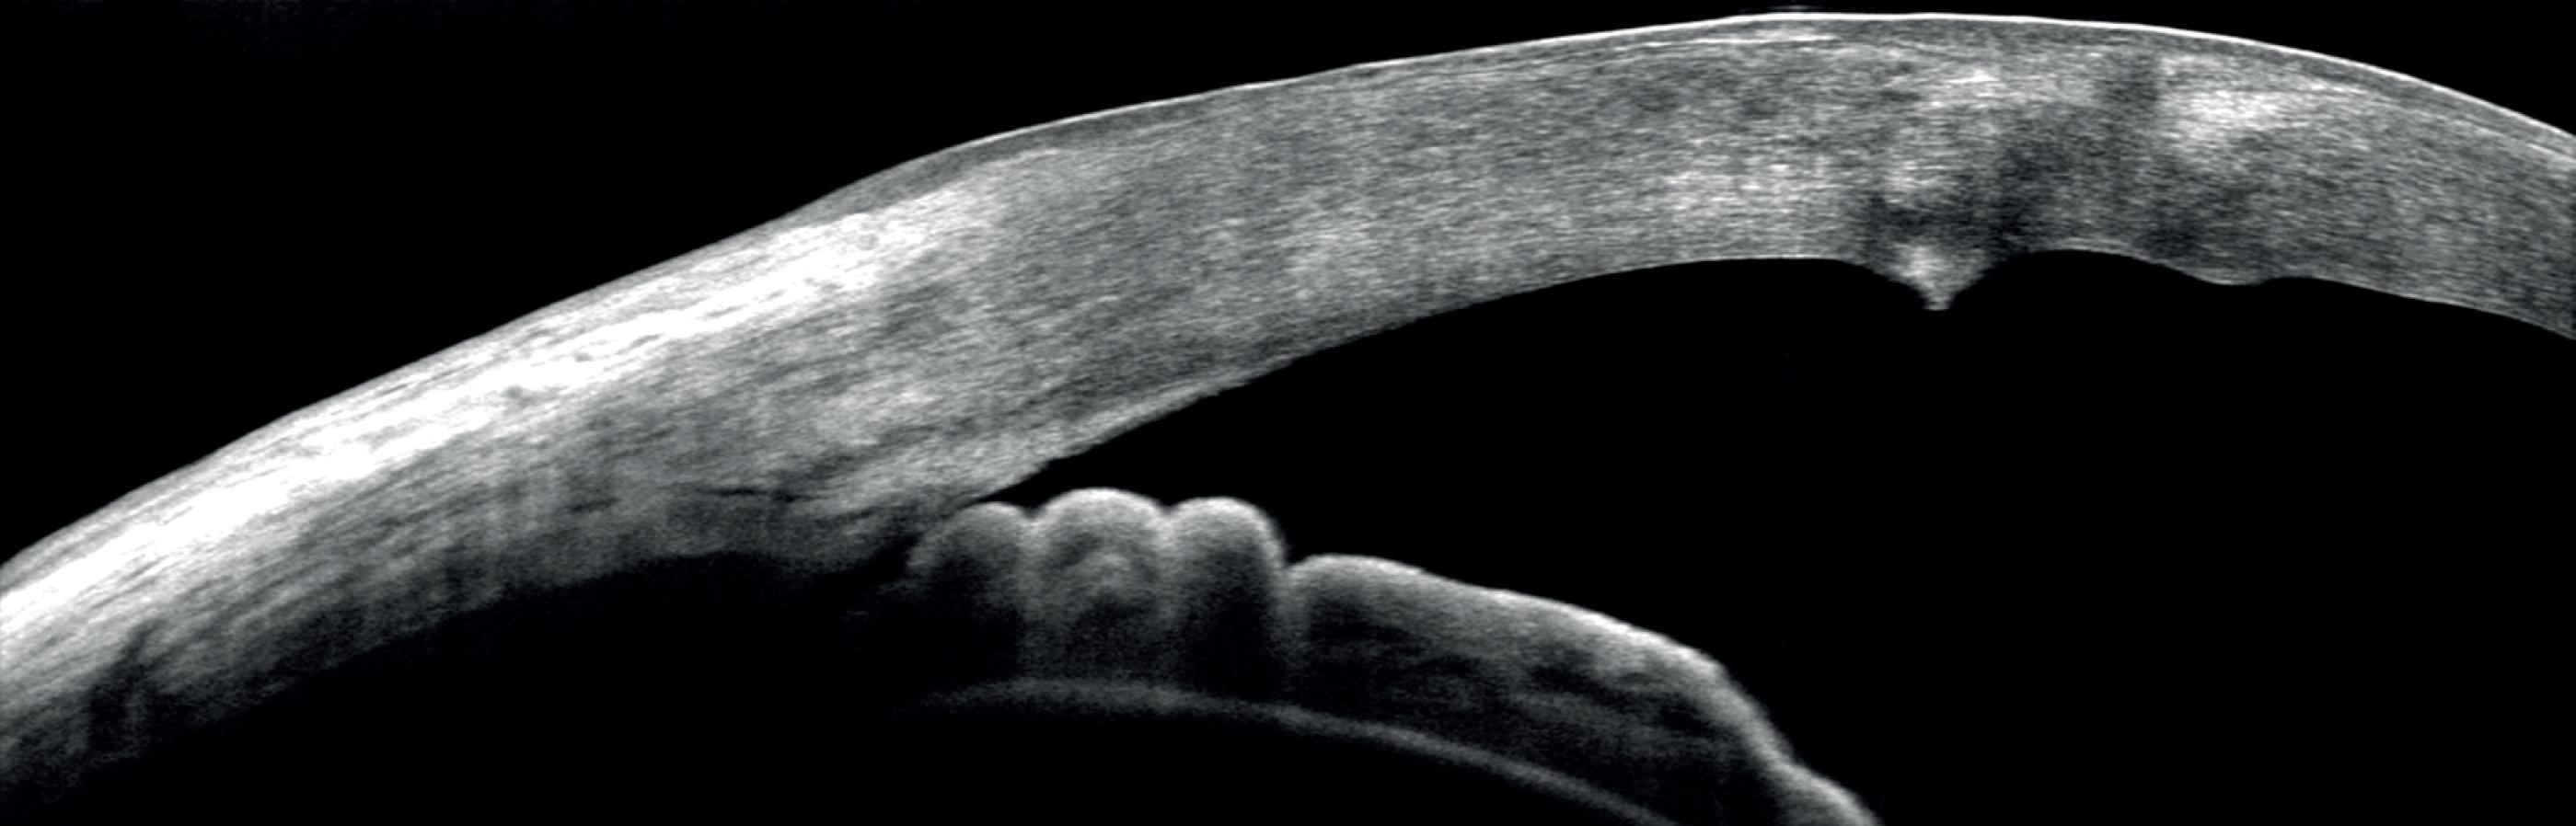 Anterior scan, Cornea Guttata with corneal scaring